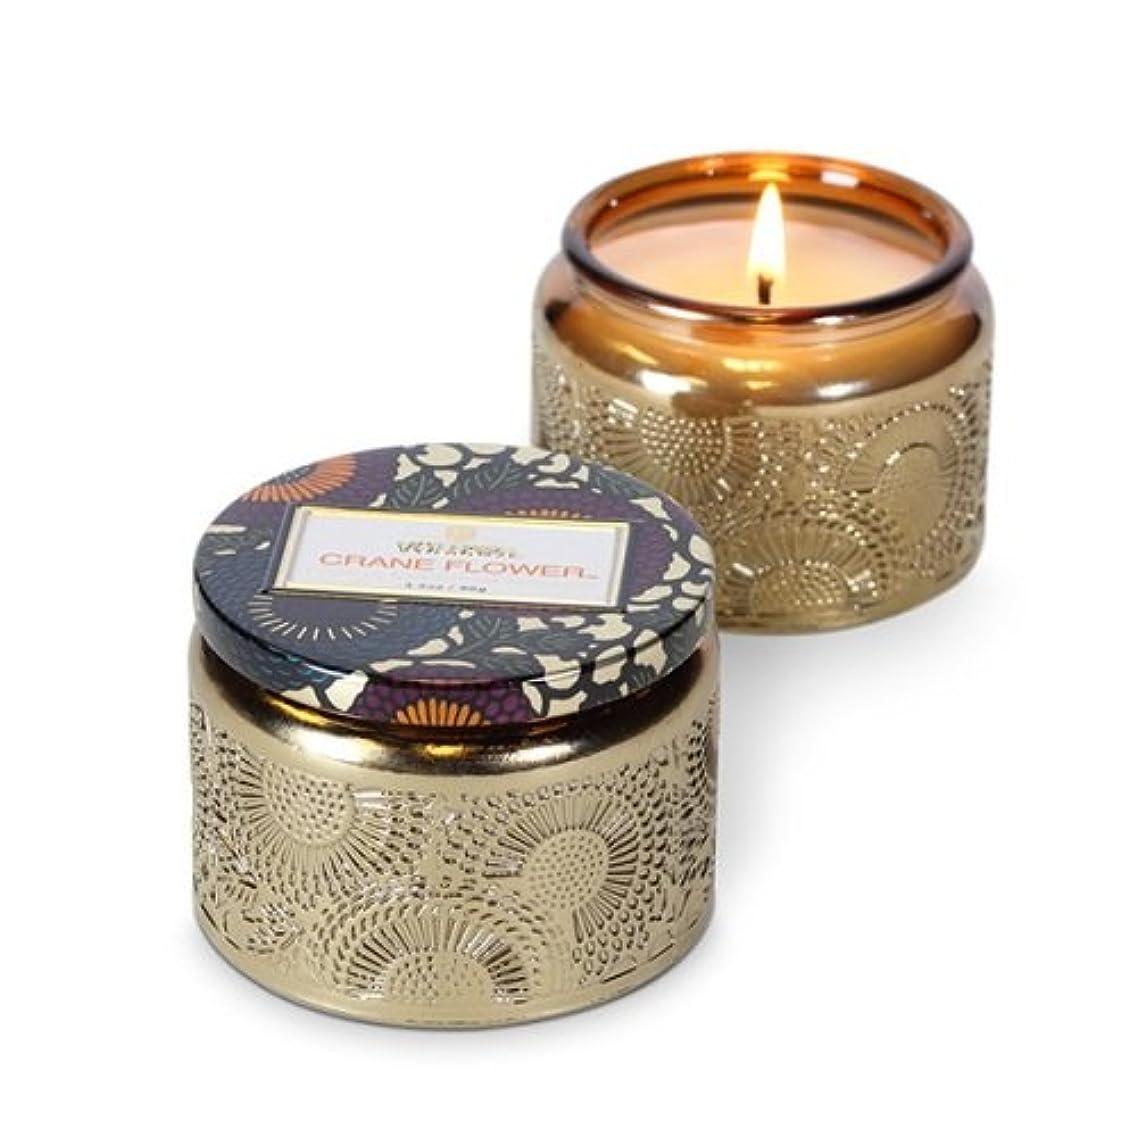 透過性誠実稼ぐVoluspa ボルスパ ジャポニカ グラスジャーキャンドル S クレーンフラワー JAPONICA Glass jar candle CRANE FLOWER